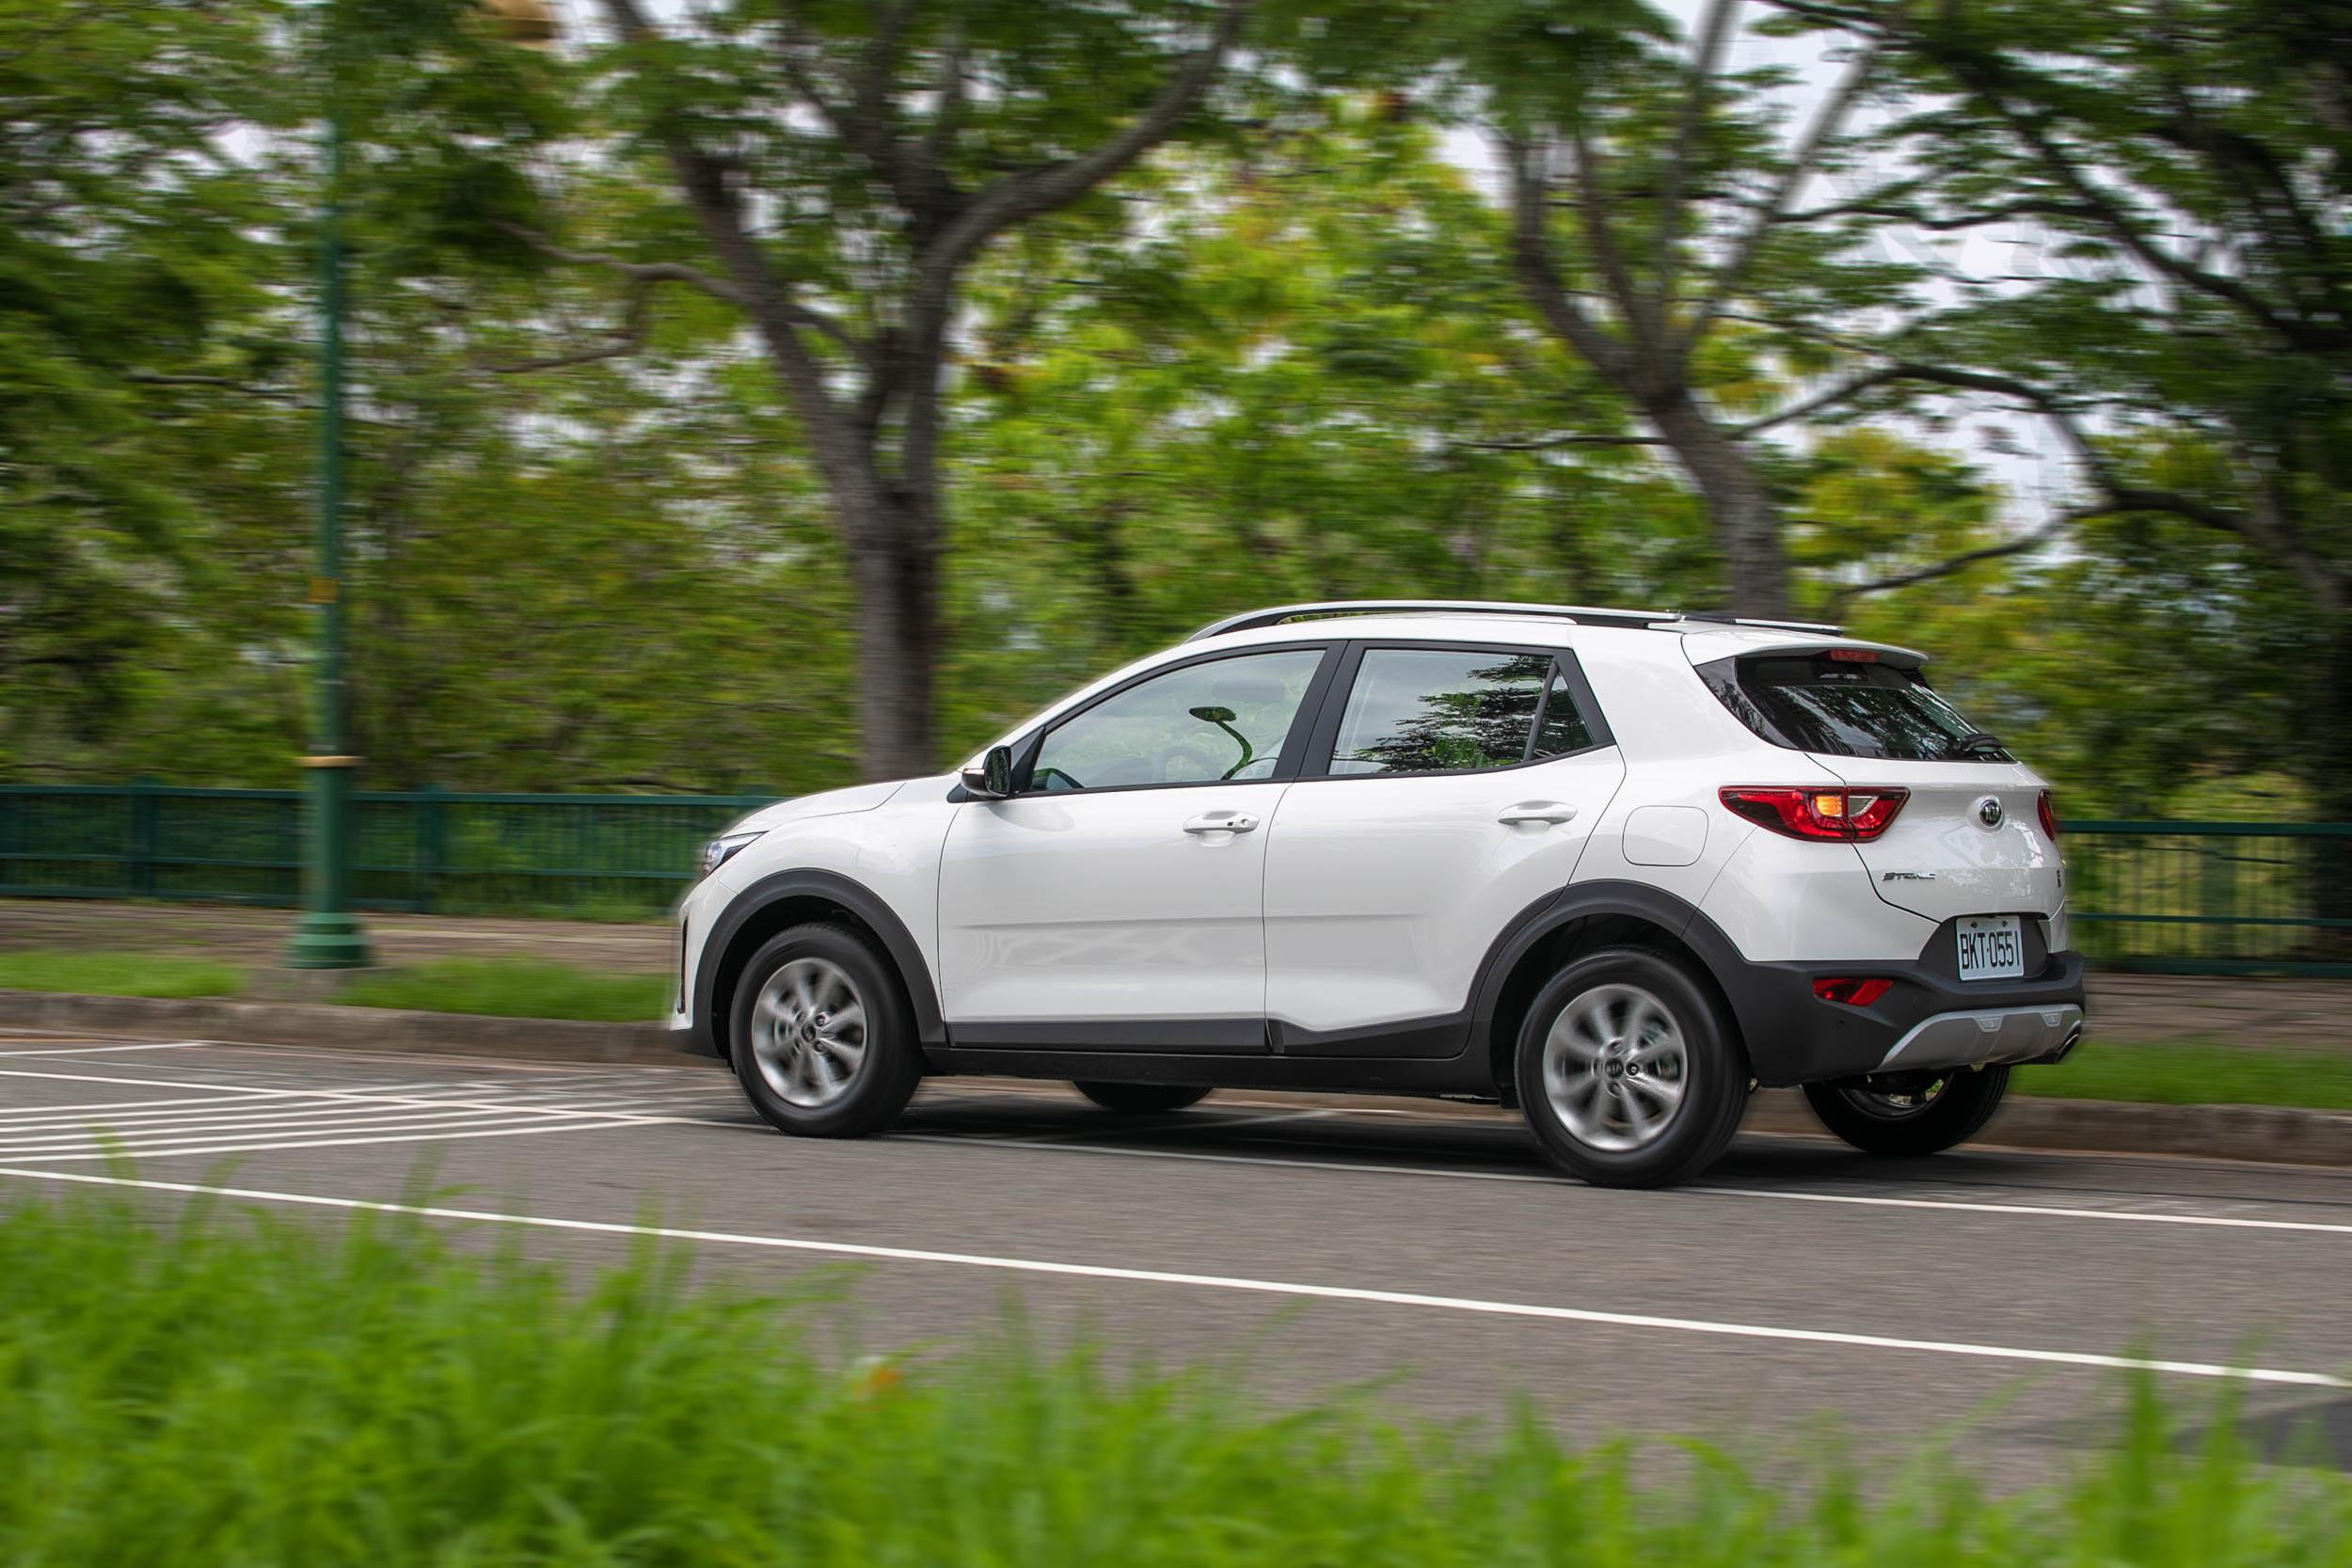 紮實且適合台灣路況的底盤設定,以及優異的車身鋼性,是Stonic 規格表上看不到的優點。